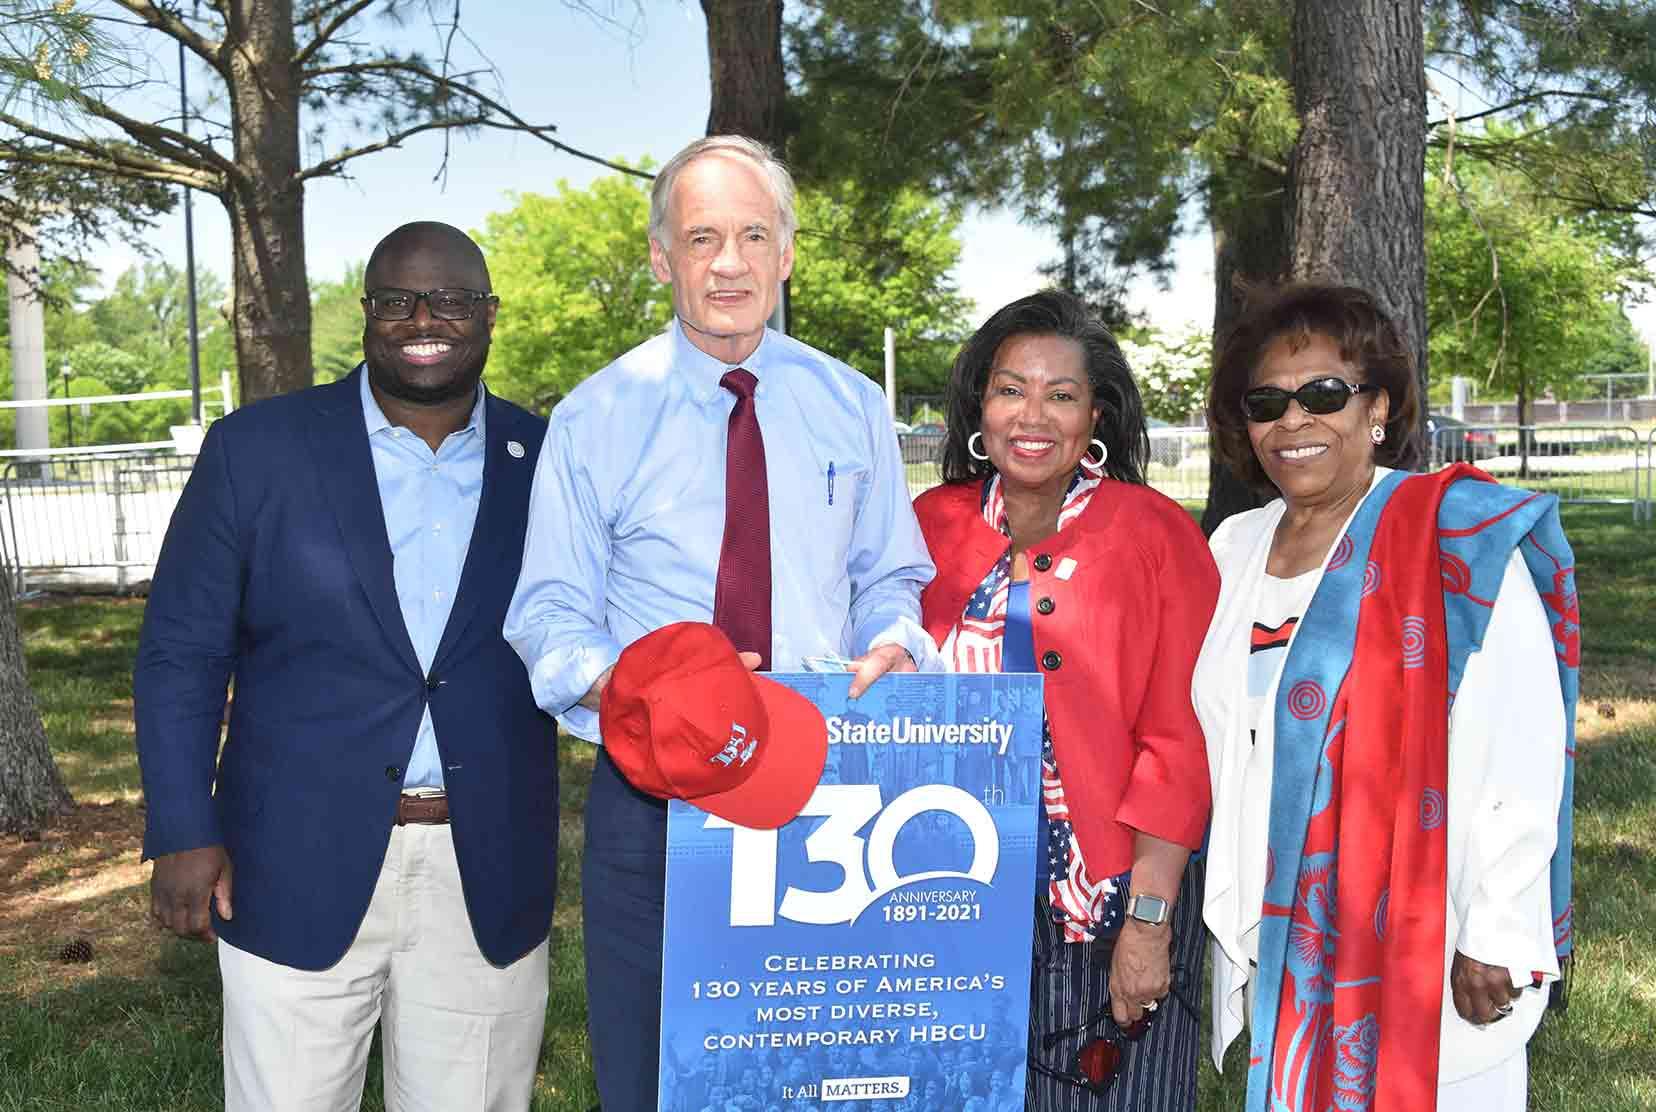 University President Tony Allen, U.S. Sen. Tom Carper, Del State Board Chairperson Devona Williams, and former University President Wilma Mishoe pose for a 130th Anniversary photo.